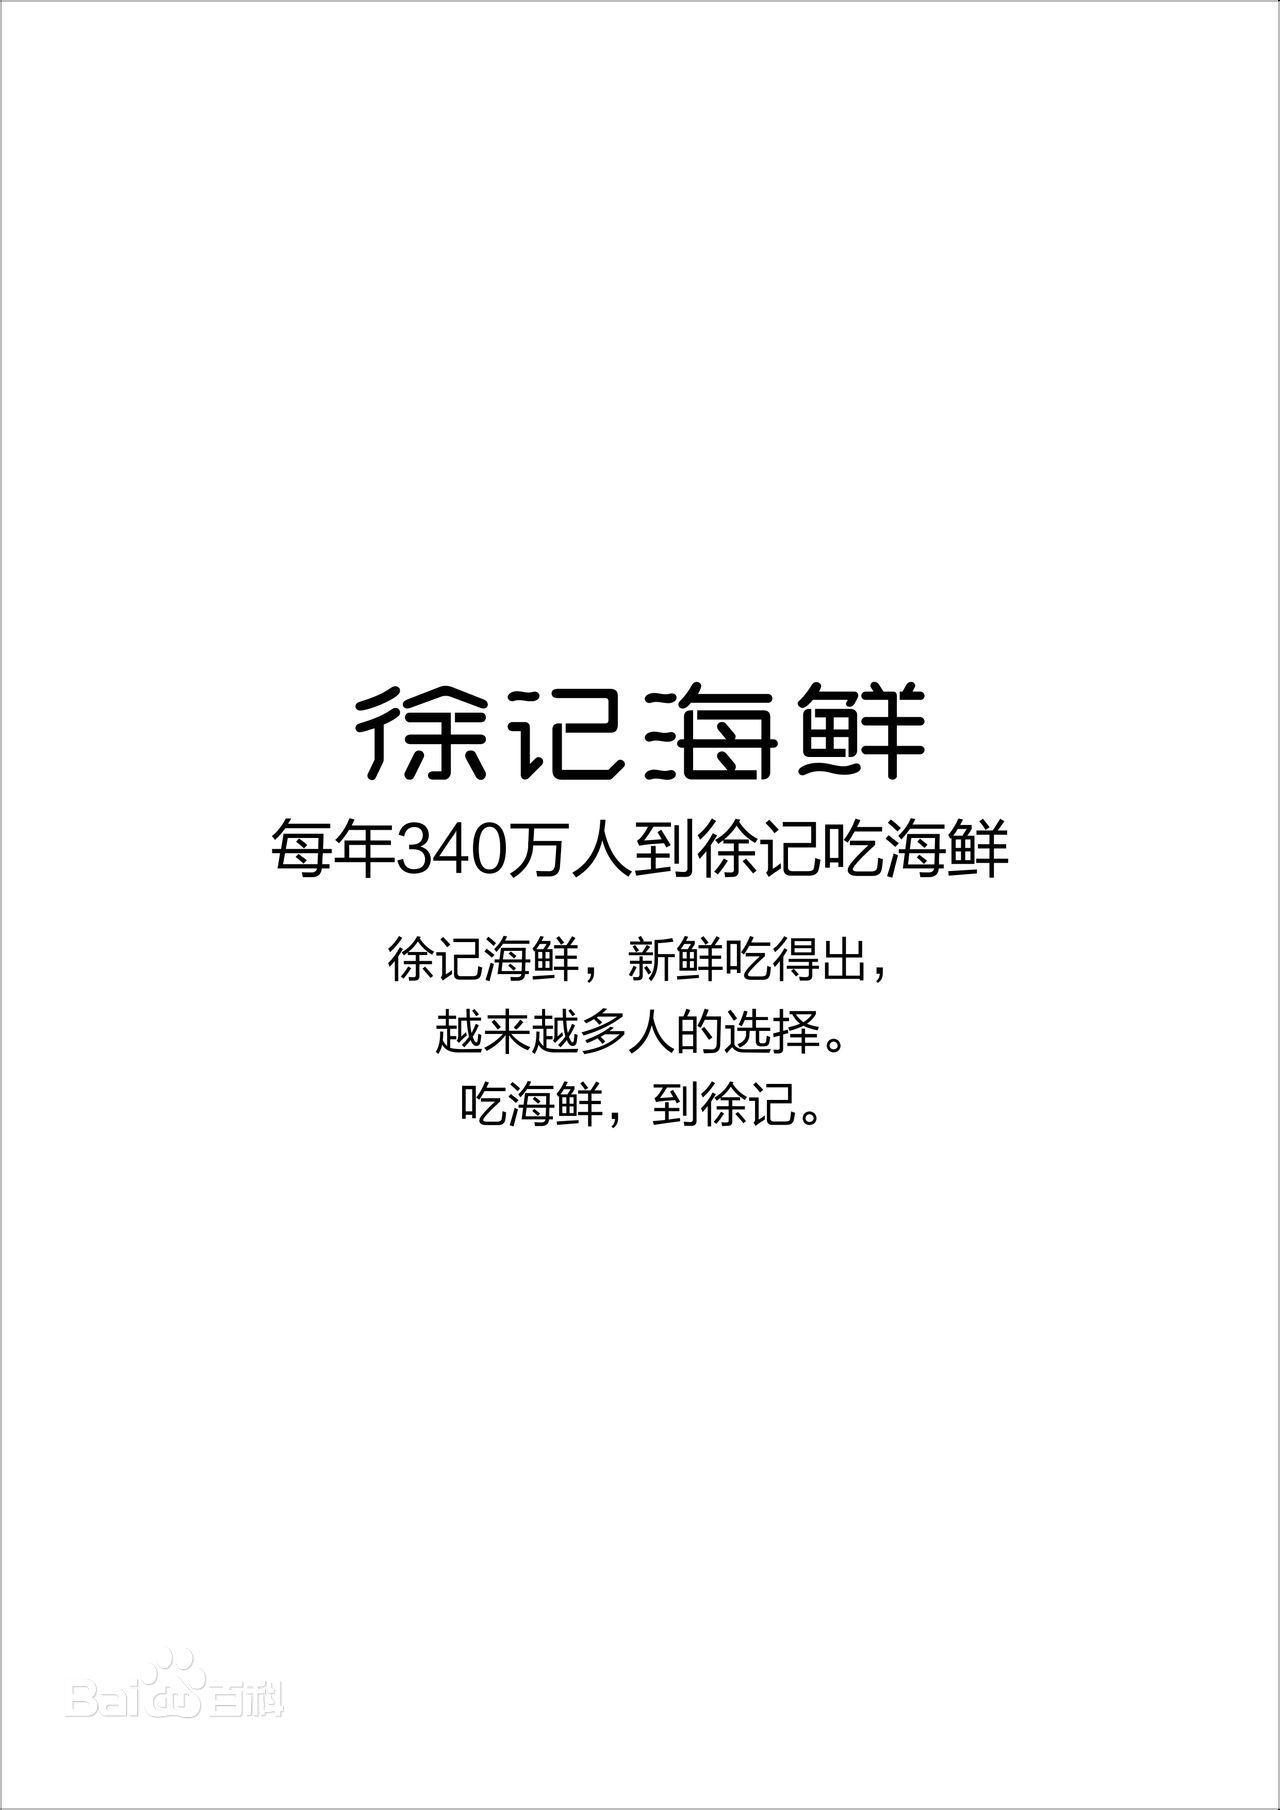 徐记海鲜_360百科